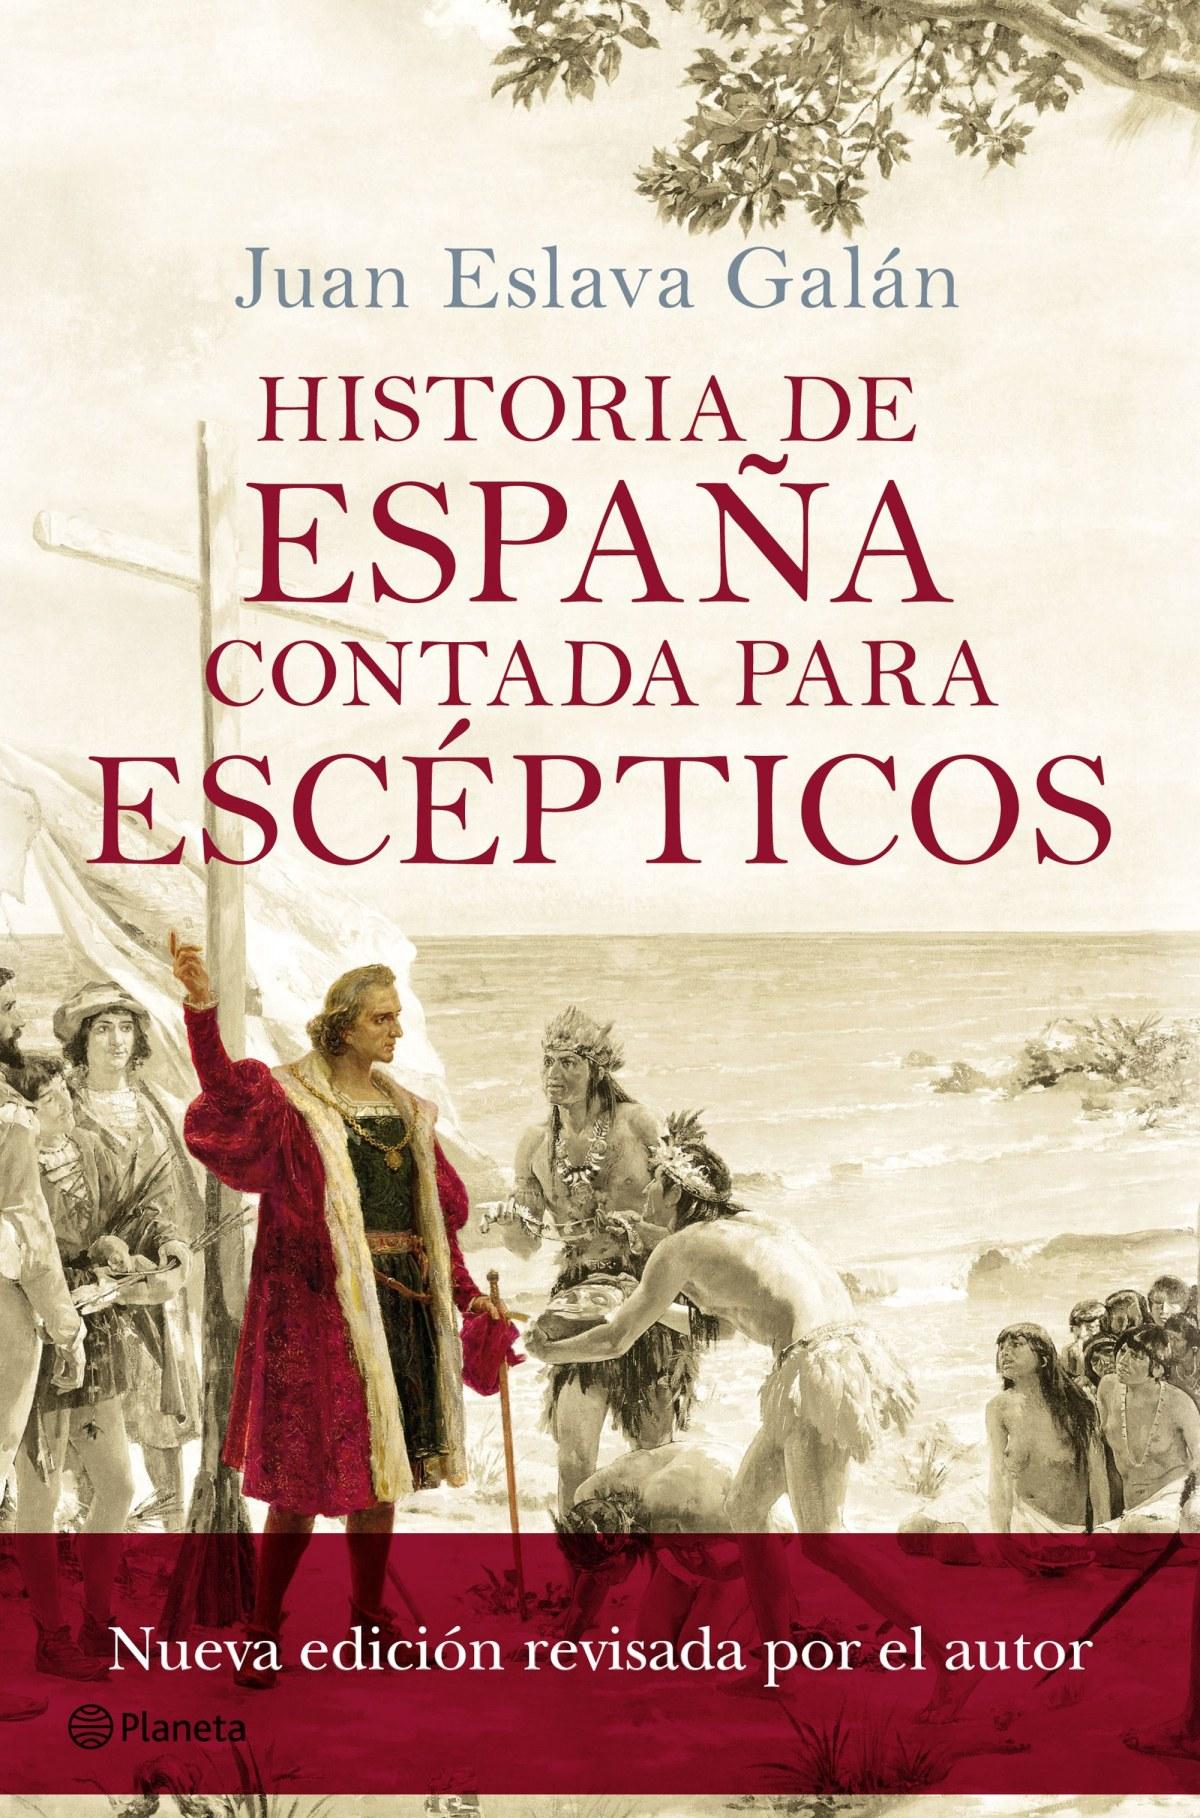 HISTORIA DE ESPAñA CONTADA PARA ESCEPTICOS 9788408175414